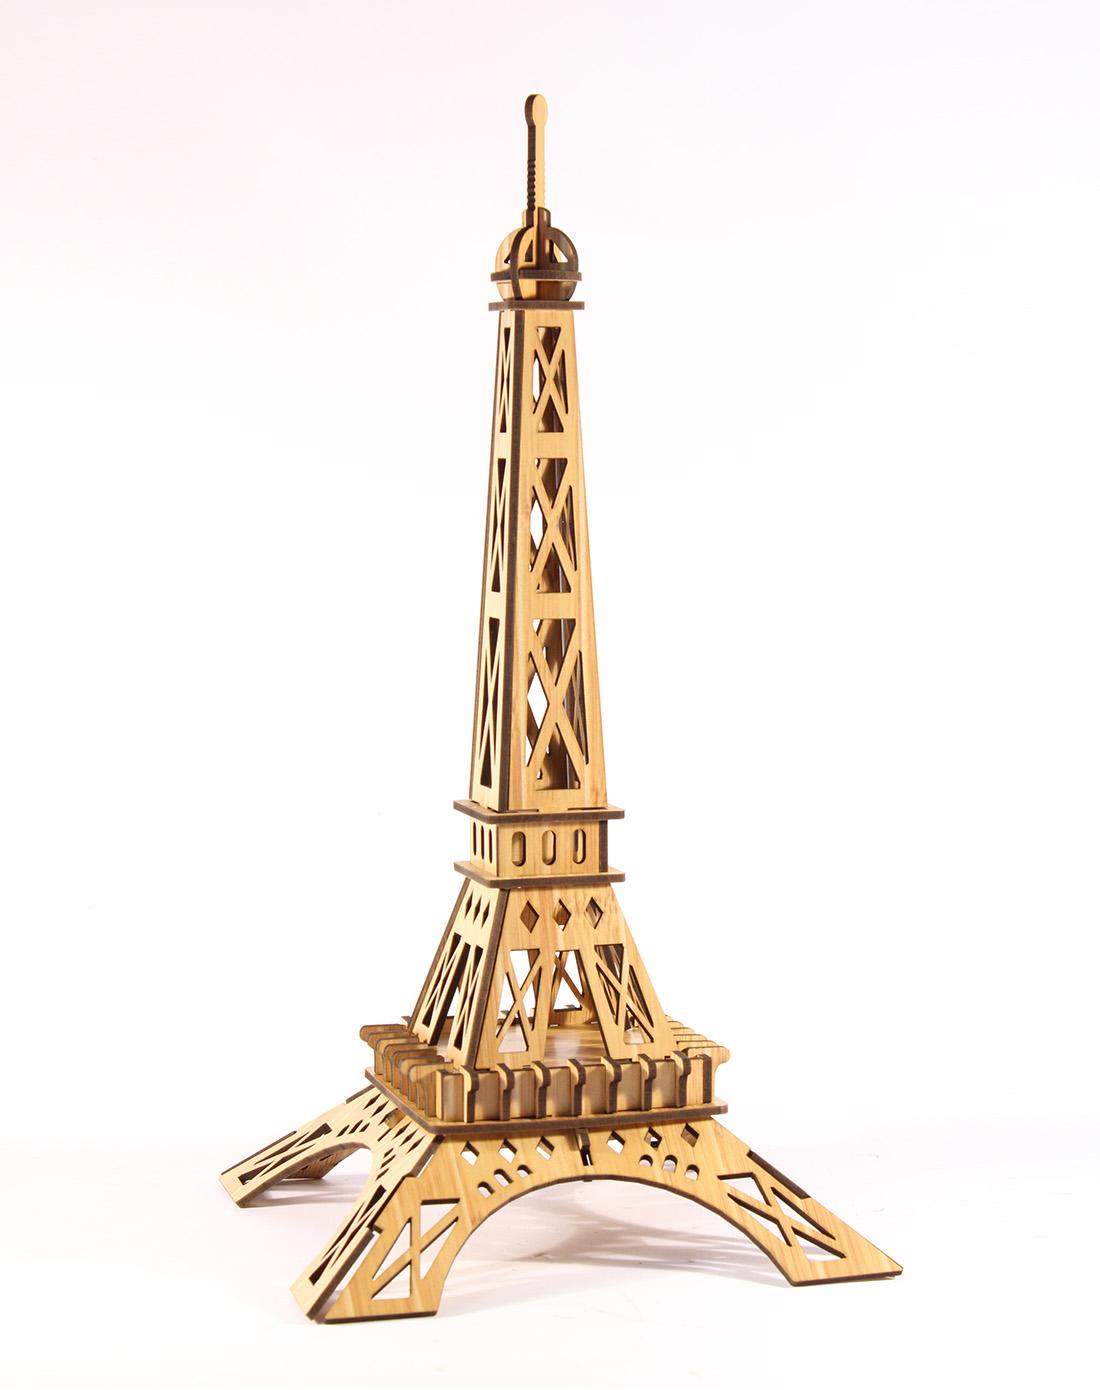 diy木制拼图法国巴黎铁塔(豪华版)